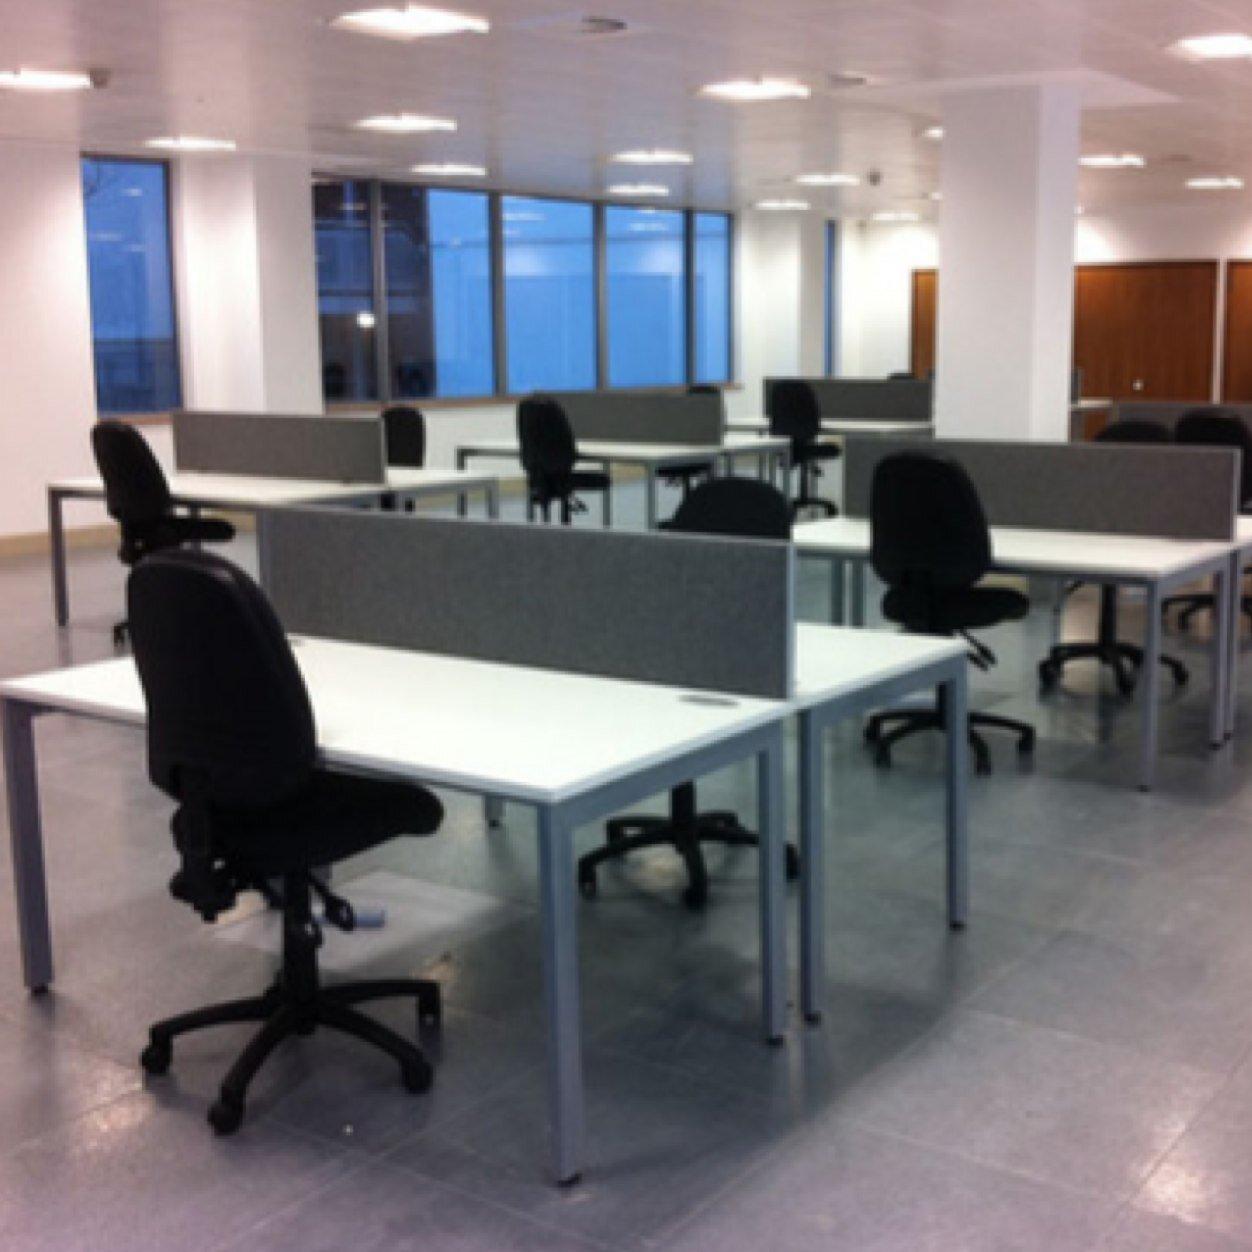 bristol furniture bristol office